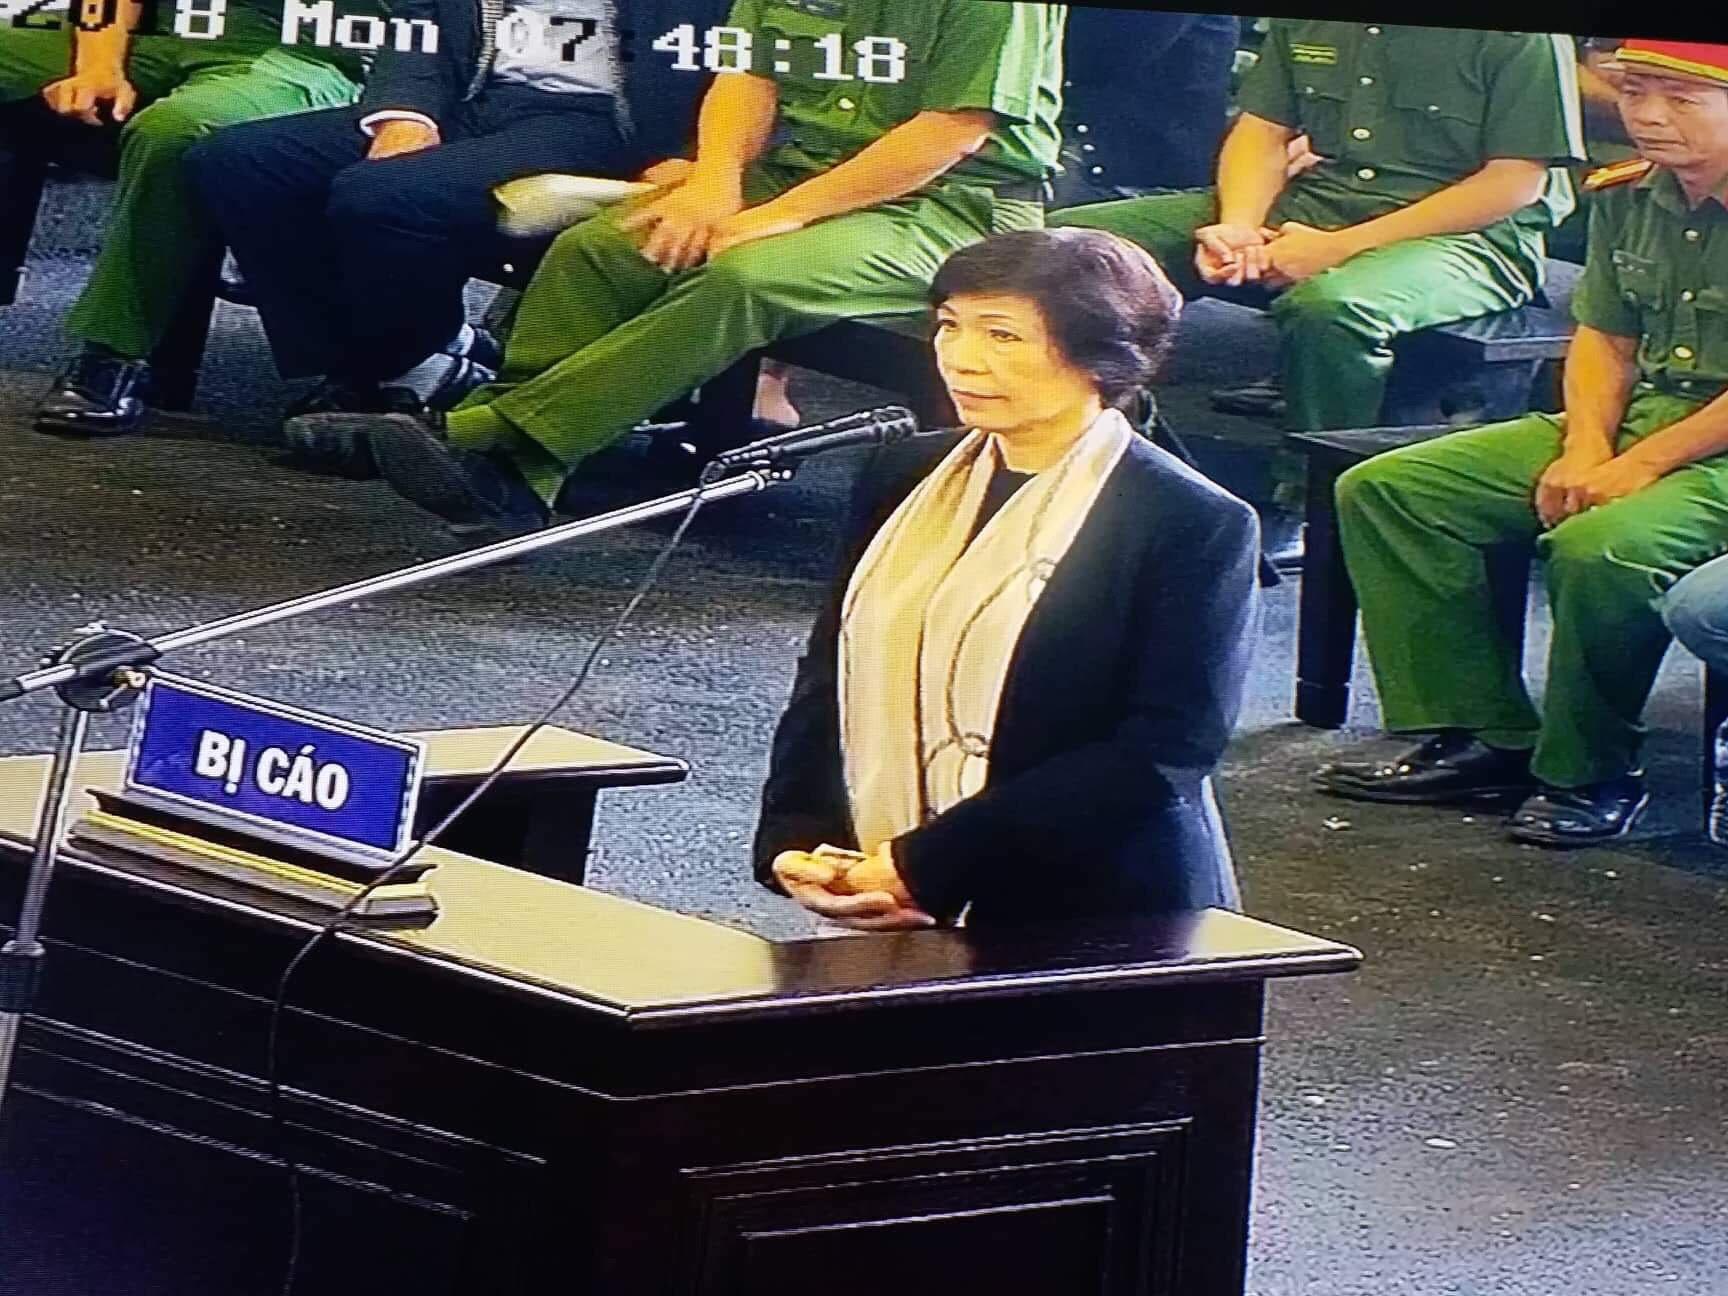 """""""Trùm cờ bạc"""" Phan Sào Nam và nước mắt hai người đàn bà - Ảnh 3"""